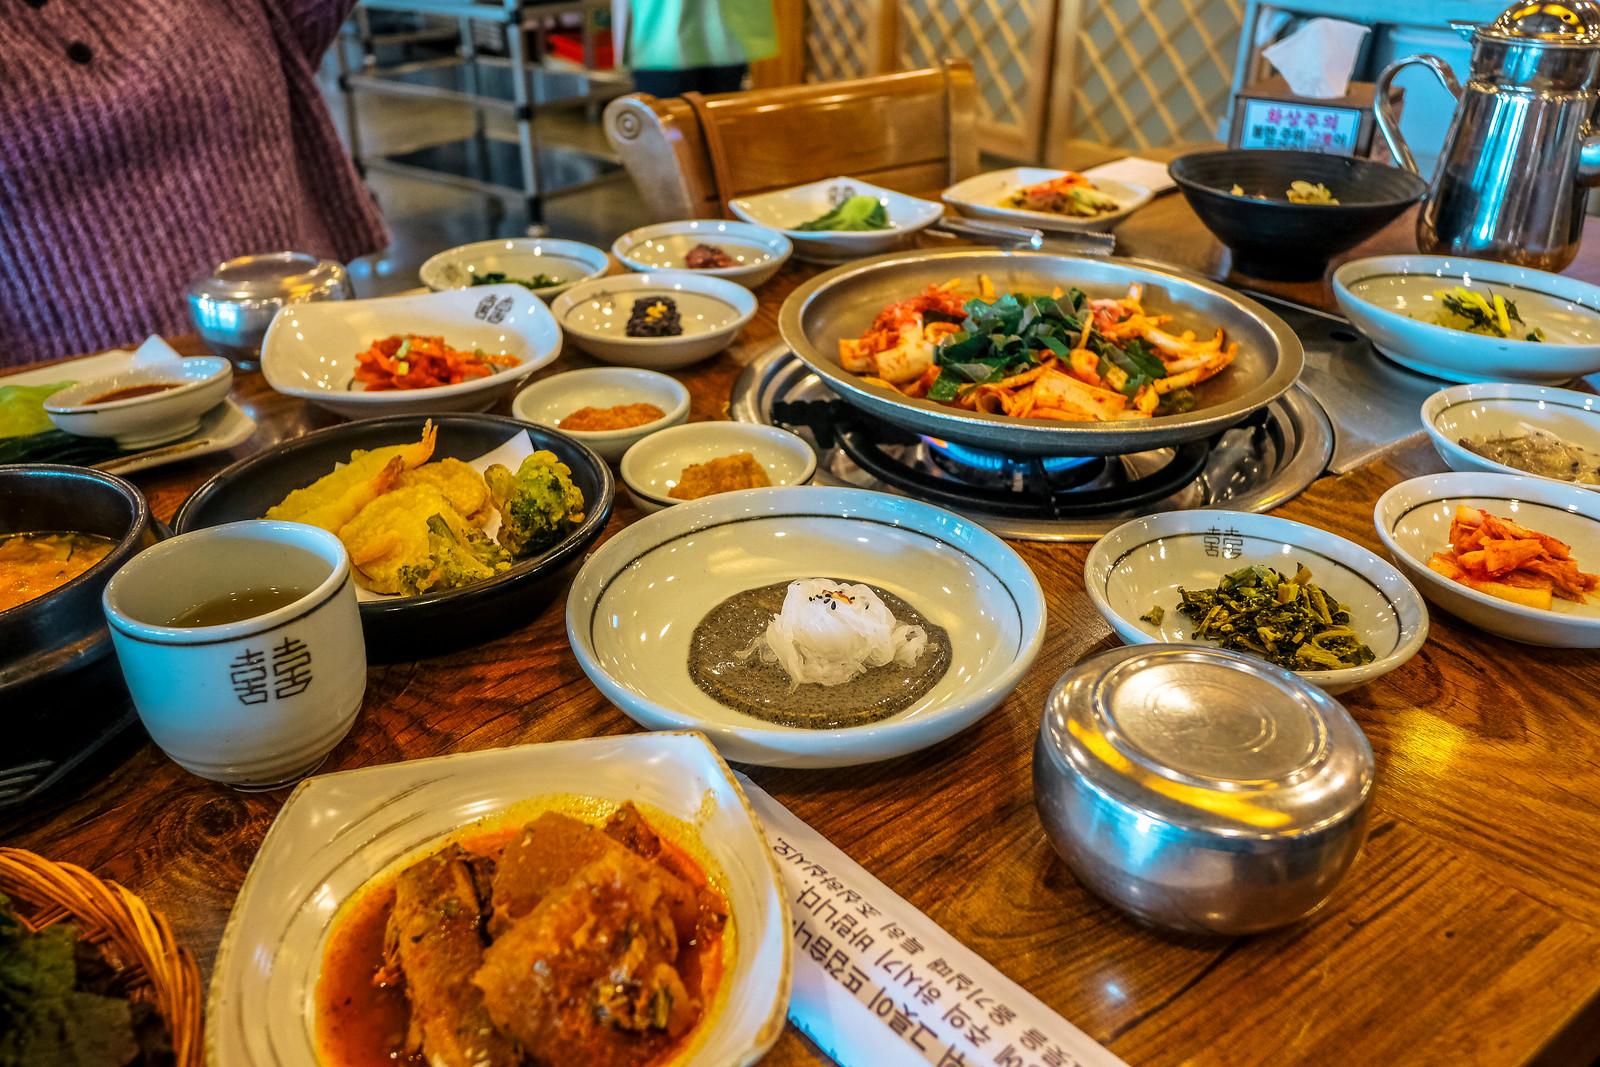 Things to eat in Korea